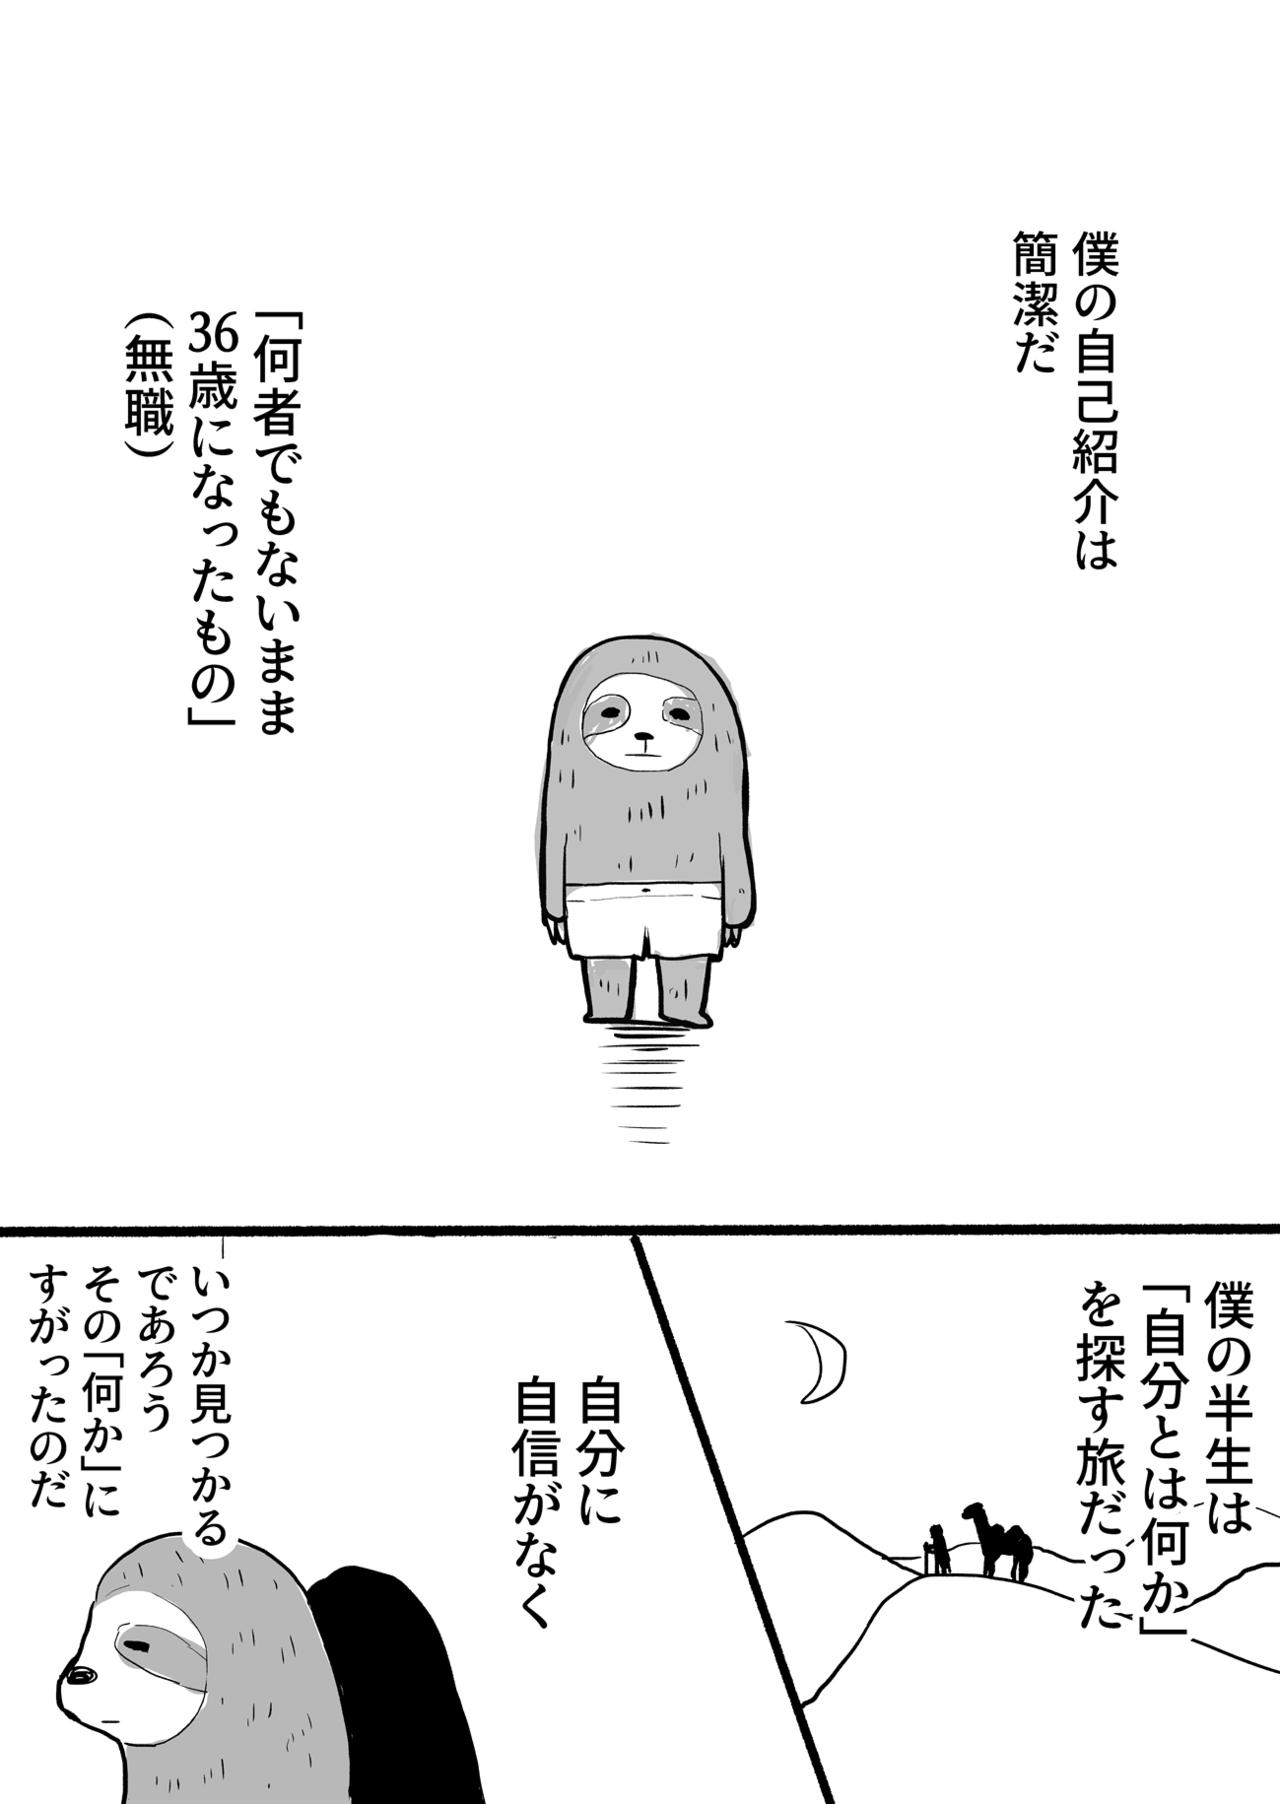 コミック_描くようになったきっかけ_001